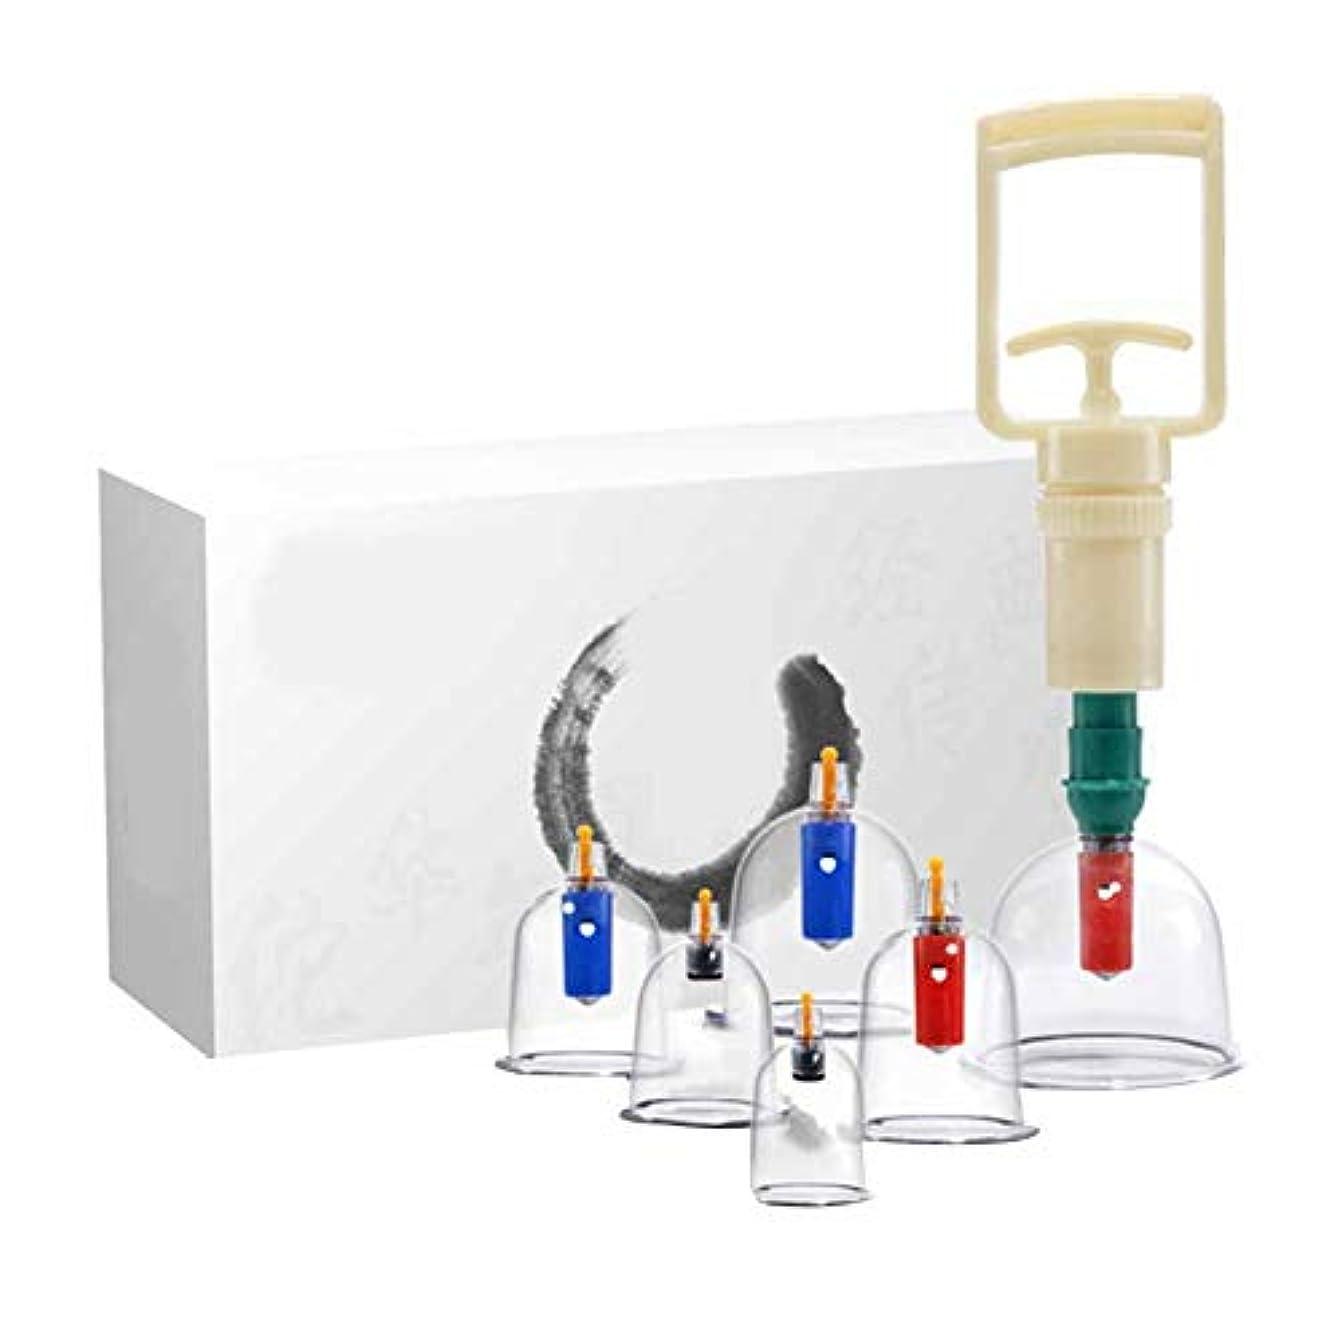 風有望解釈するカッピングセラピーセット、プレミアム透明プラスチック製中国式ツボカッピングセラピーセット、ポータブルパッケージ、筋肉痛の軽減に最適(6カップ)